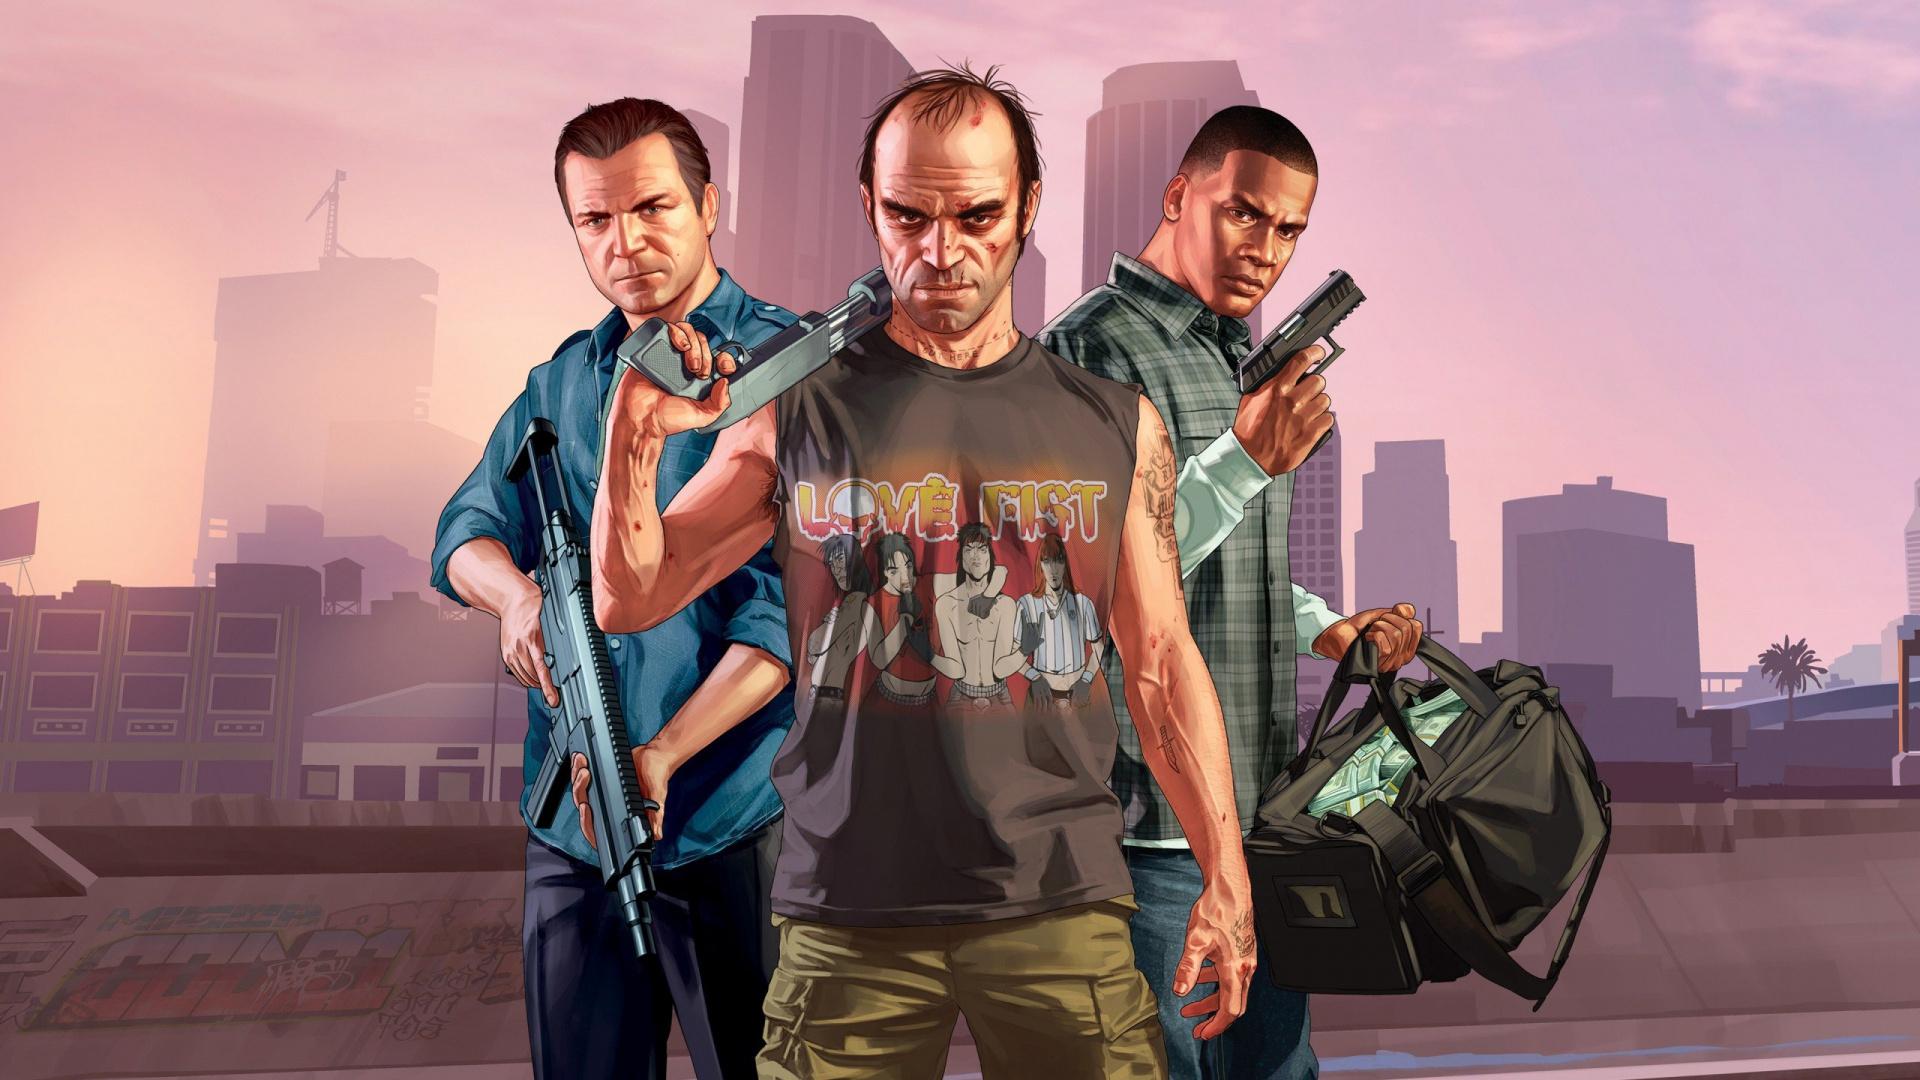 Разработчики читов для GTA Online закрыли свой сайт после разговора с Take-Two